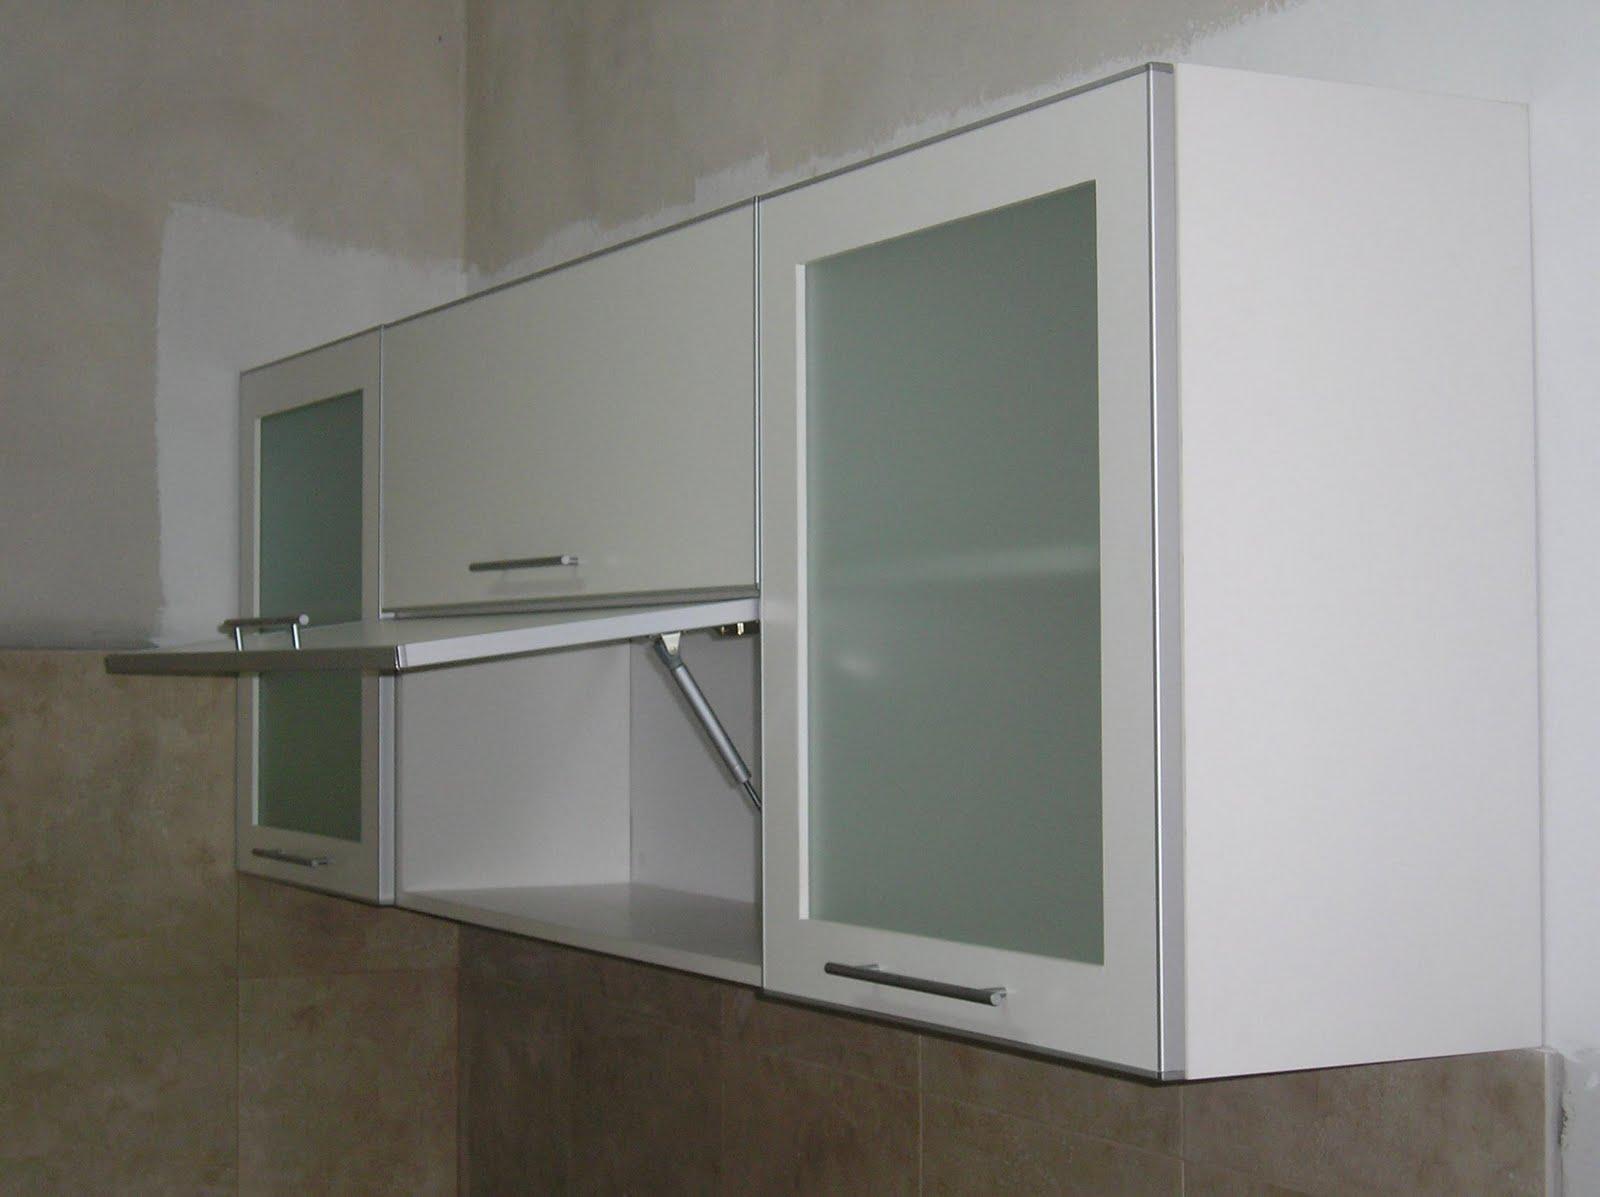 Albepentreath mobiliarios de dise o cocinas economicas for Disenos de cocinas economicas